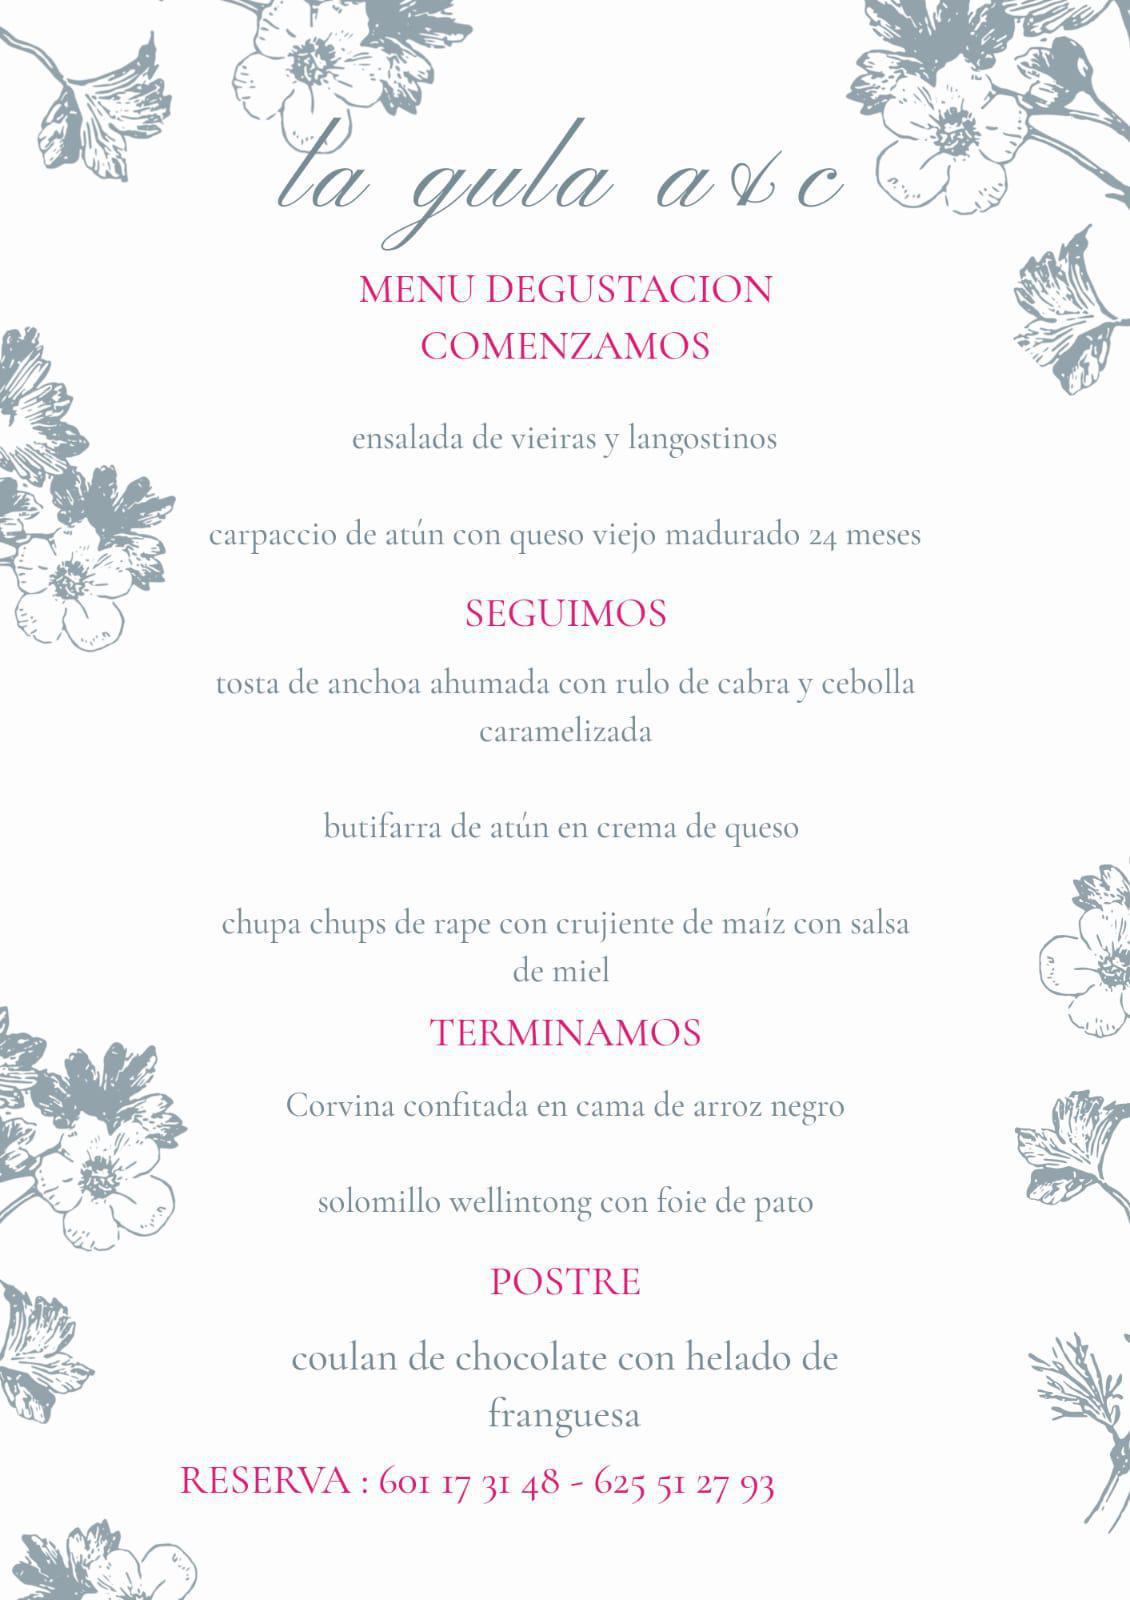 La GULA A&C-Catering